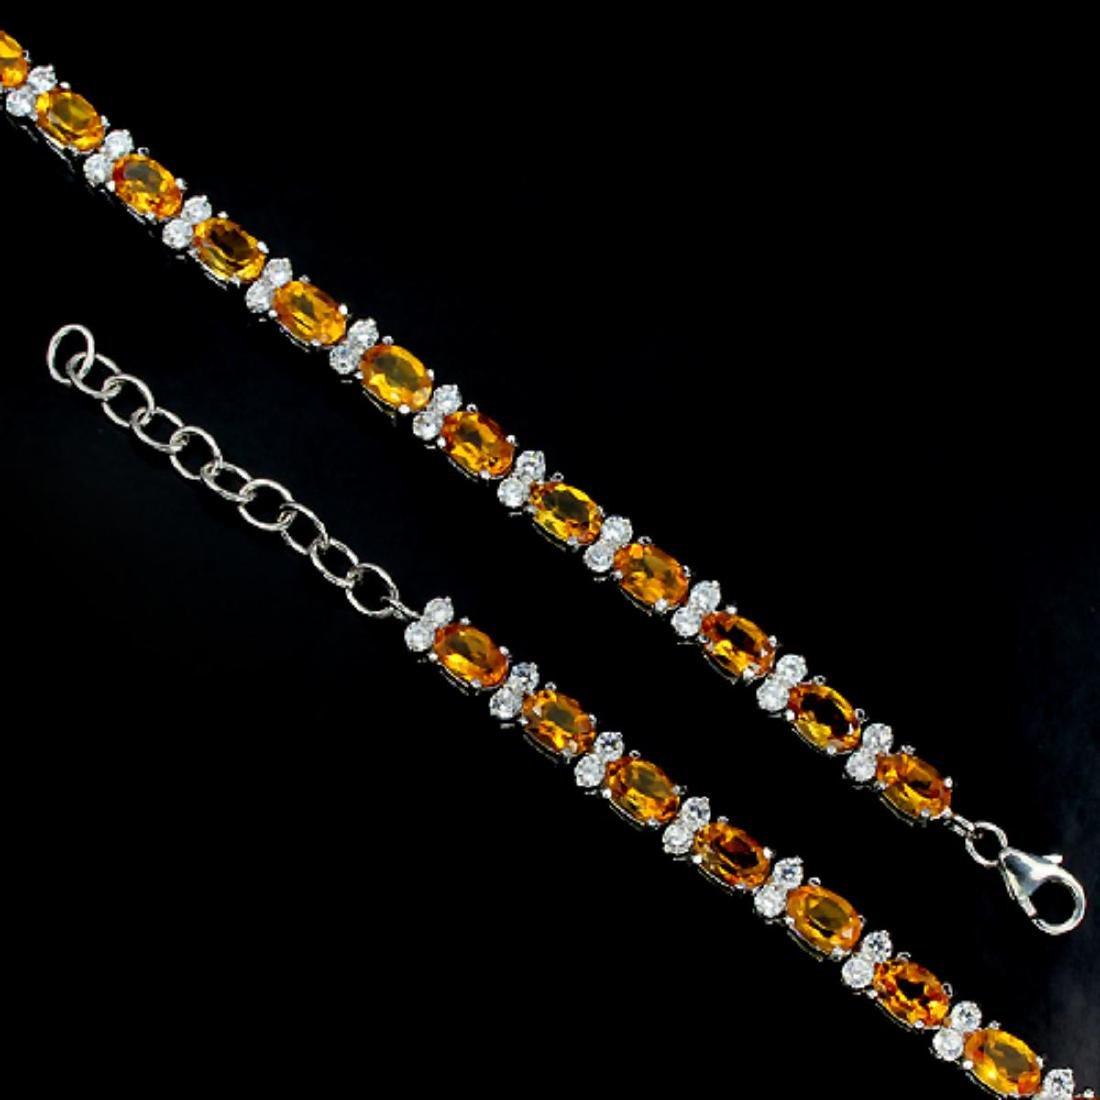 Natural Golden Yellow Citrine Bracelet - 2